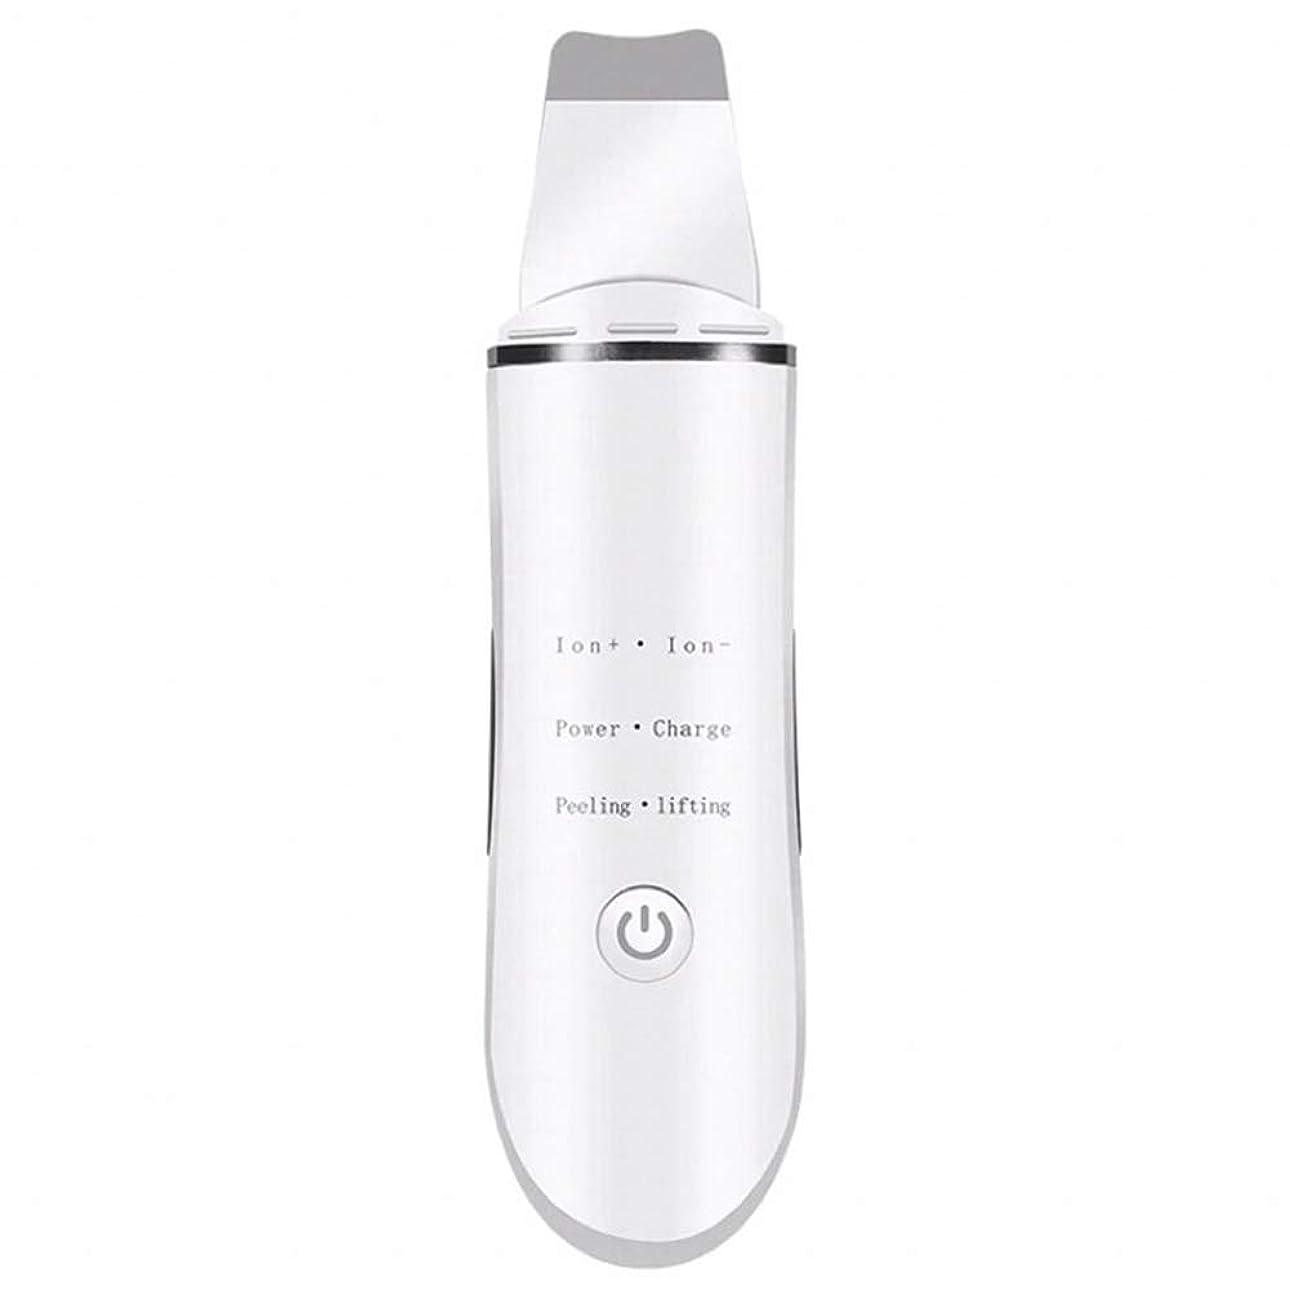 プラグリングバックビザにきび除去剤, にきびを取り除く きれいな毛穴 顔を持ち上げる 超音波ショベル イオンクリーニング 電気美容器具